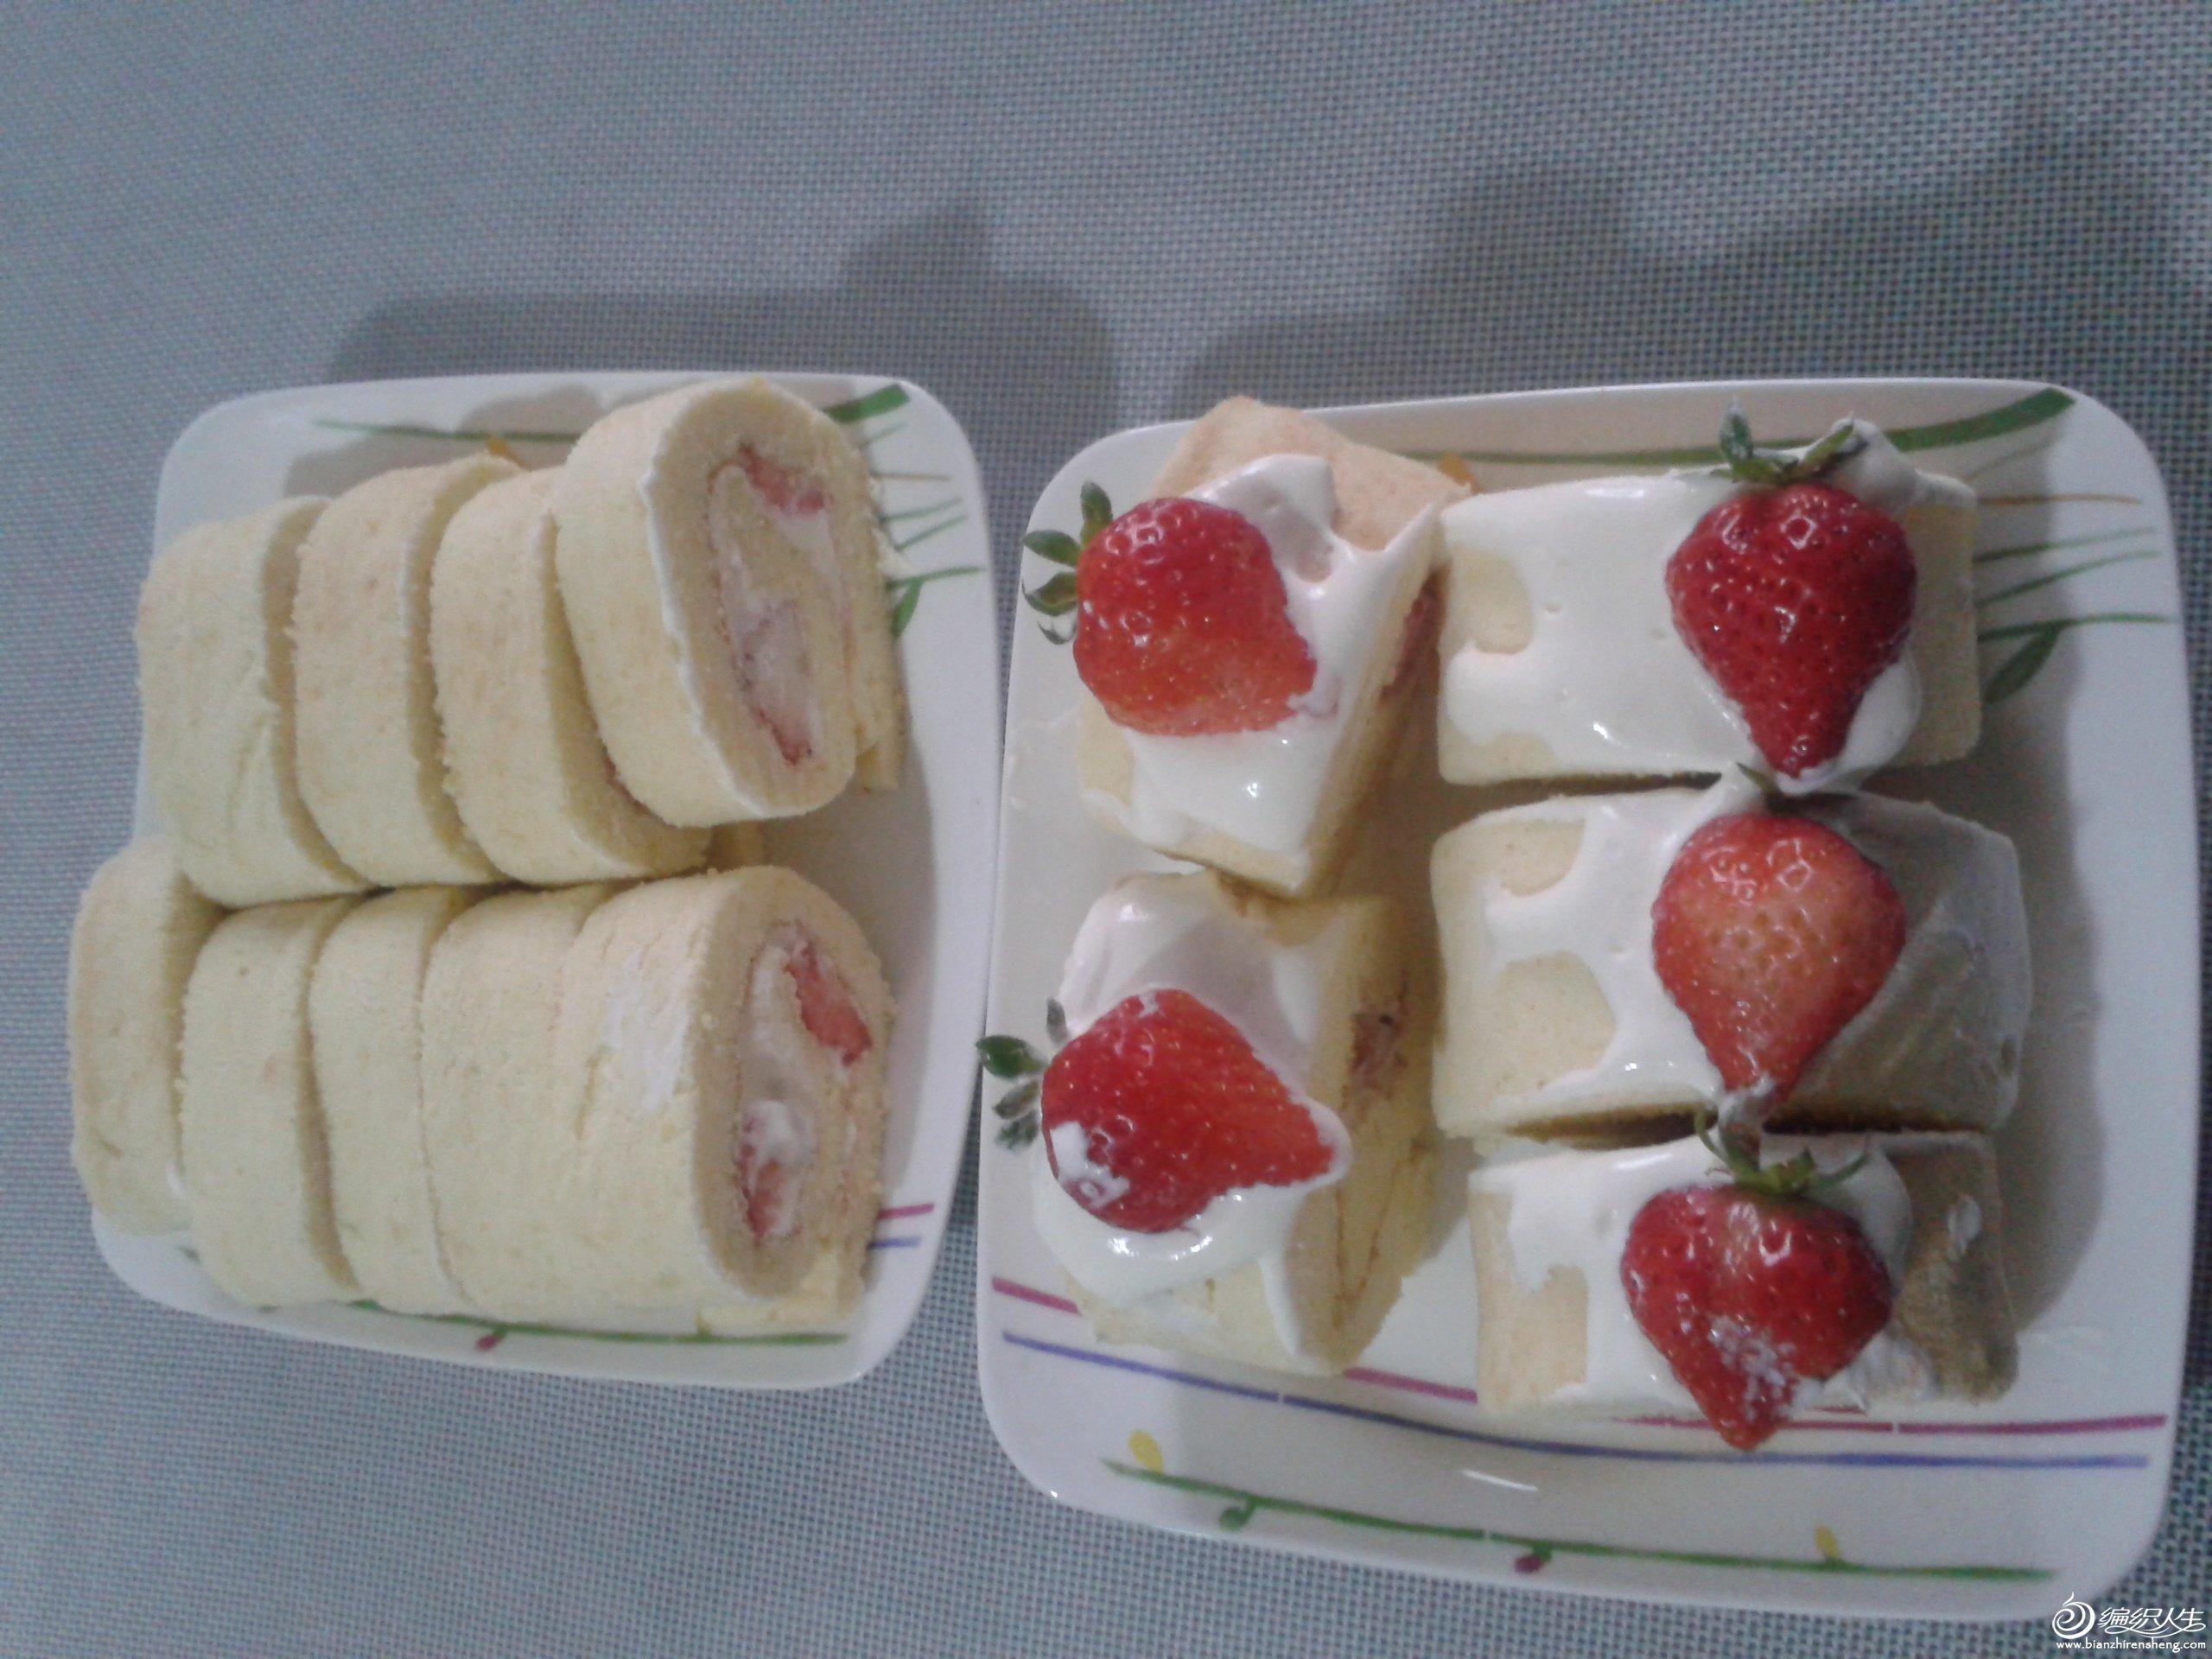 我做的草莓卷,来诱惑大家一下下